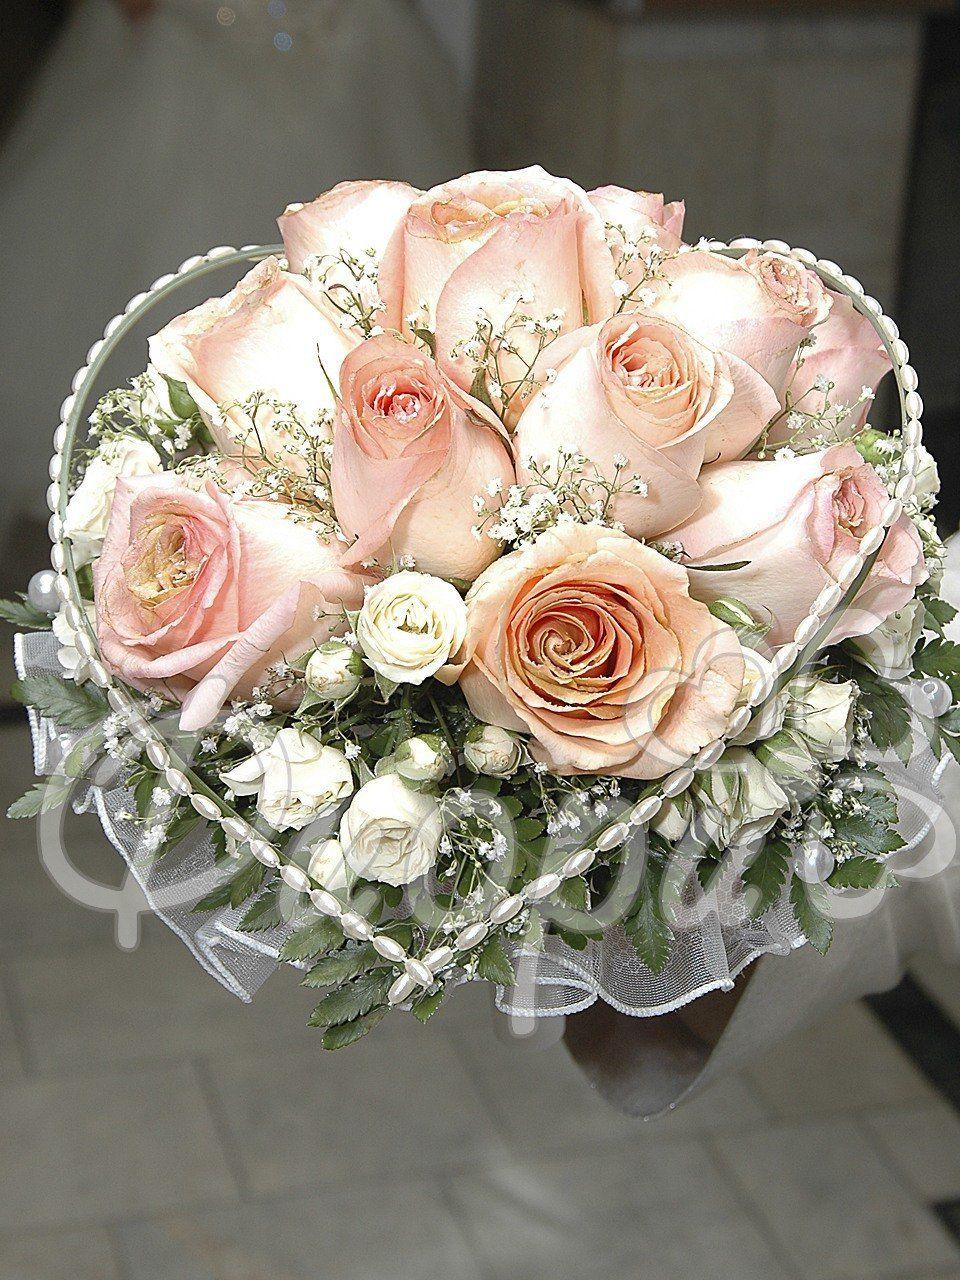 Красивые букеты для свадьбы картинки